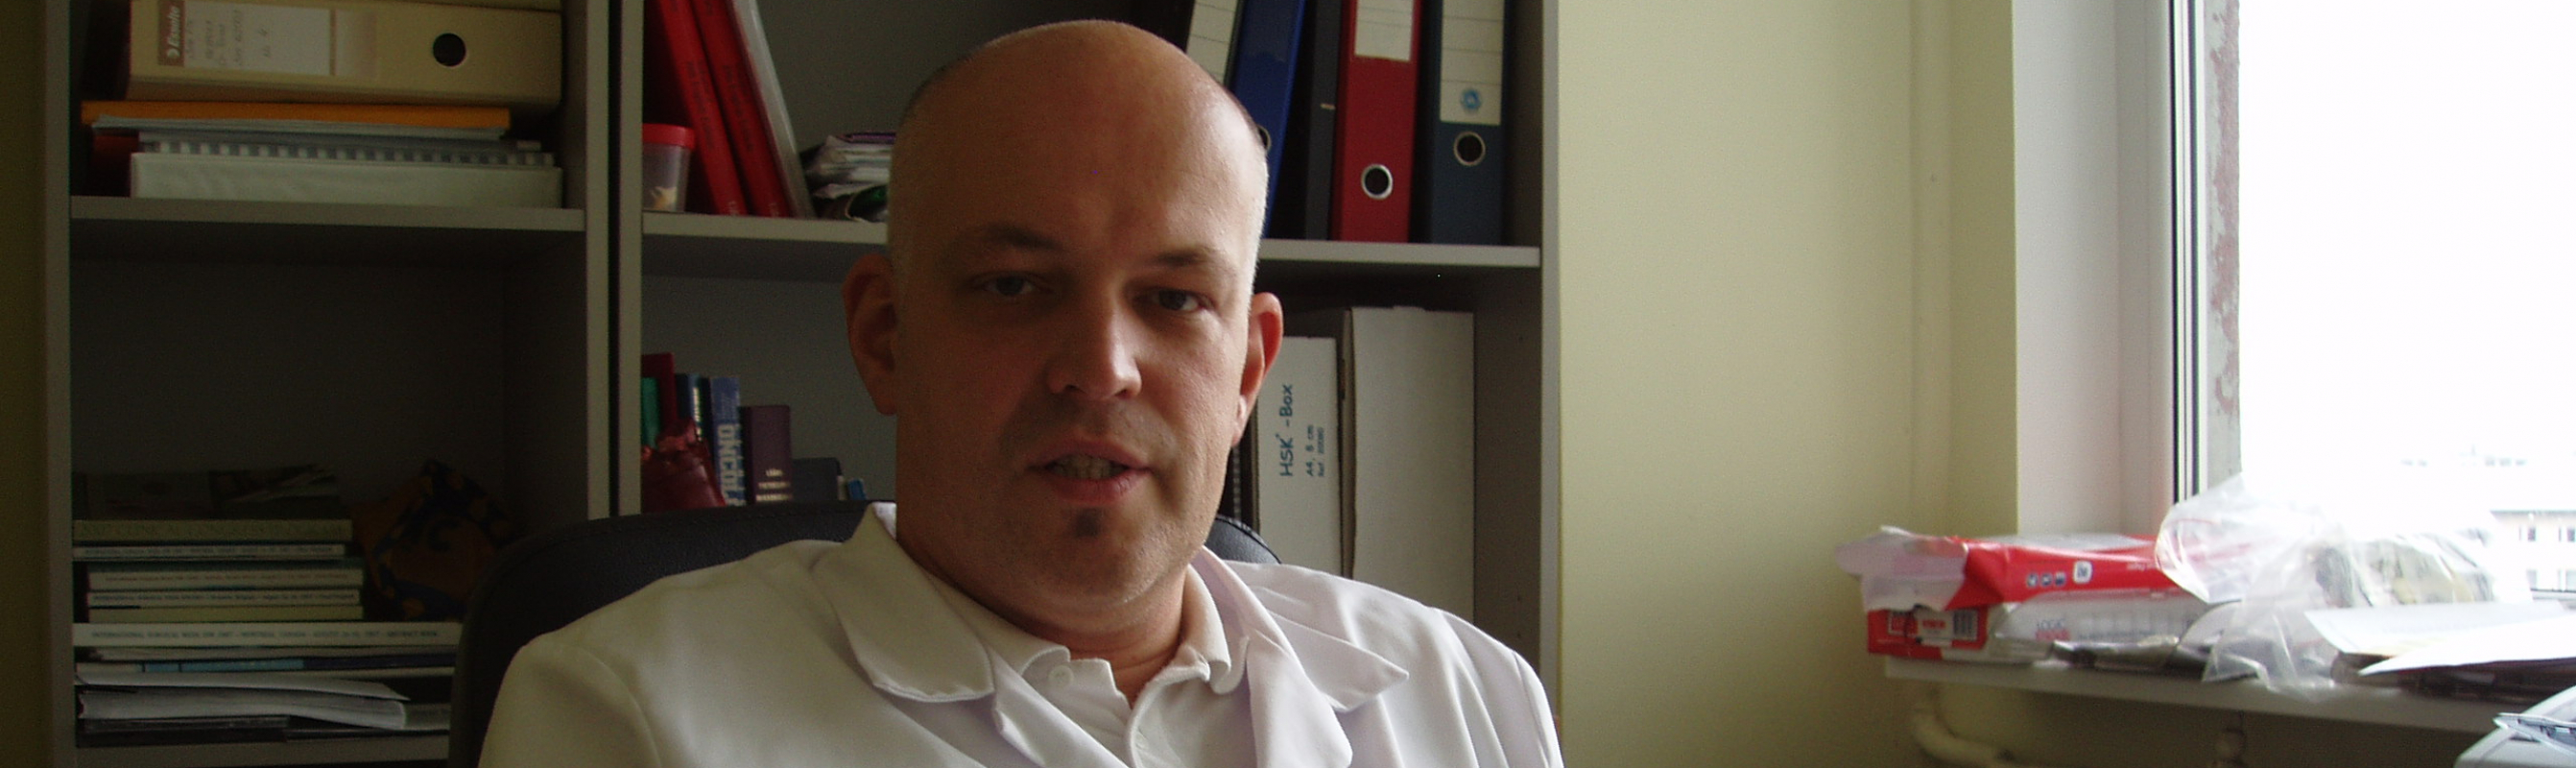 Keskuse juhataja ja Eesti Kirurgide Assotsiatsiooni esimees dr Jüri Teras